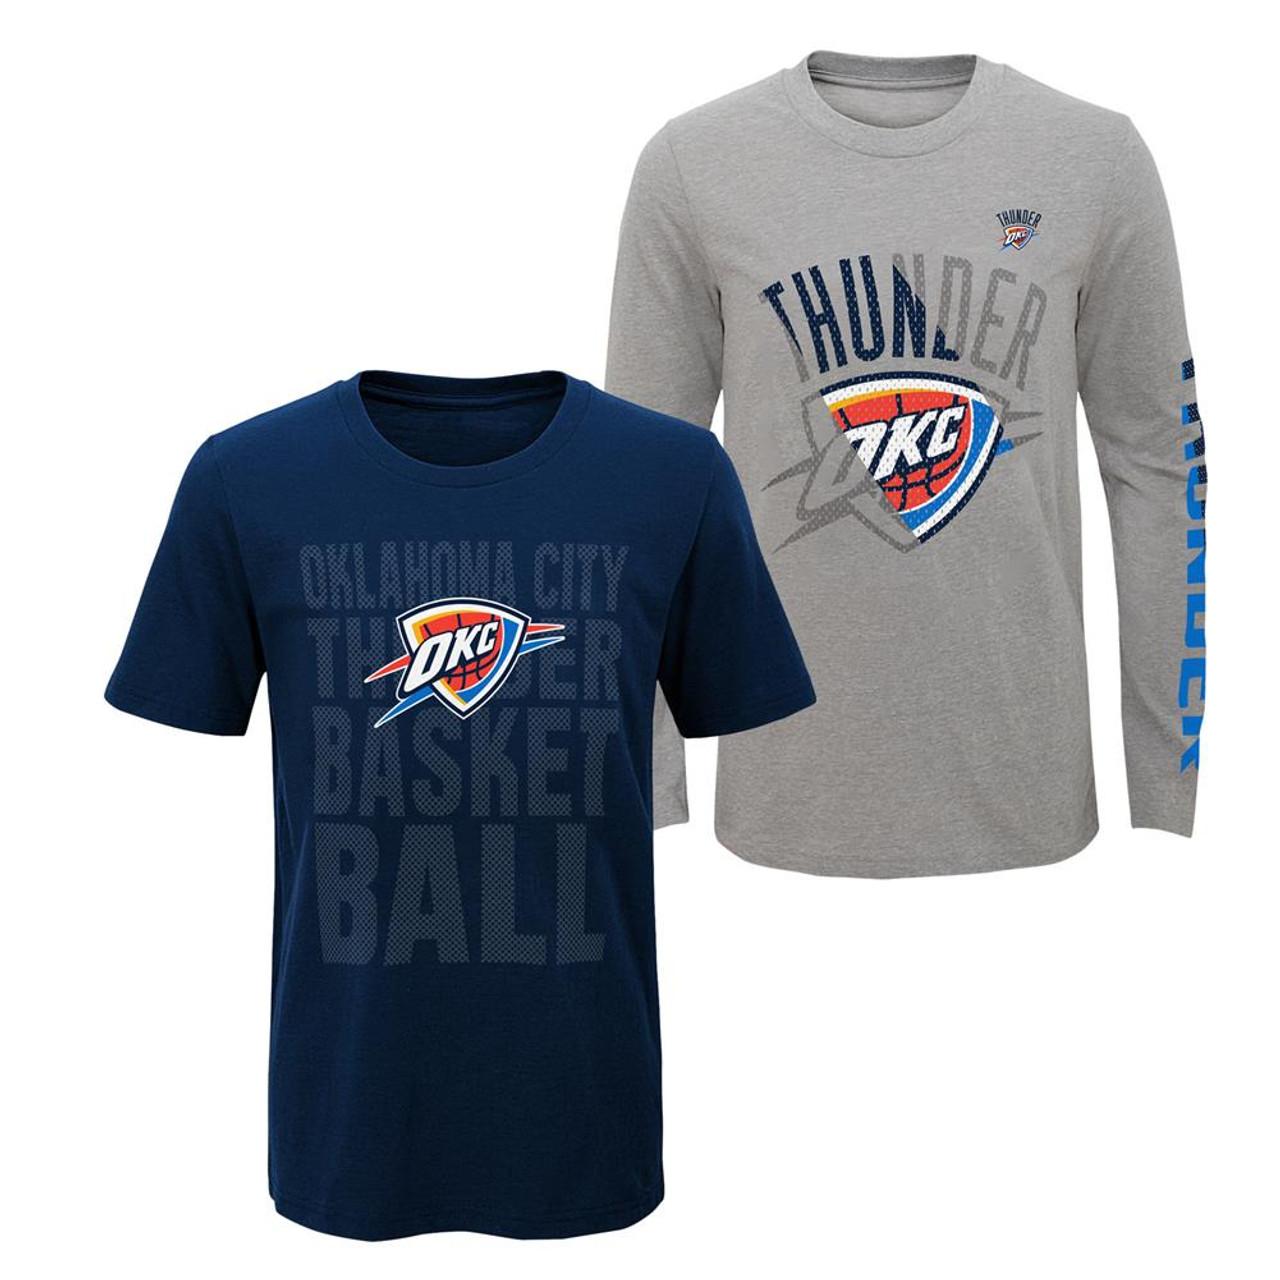 Youth Boys Oklahoma City Thunder Tee Shirt 3 in 1 Combo Set